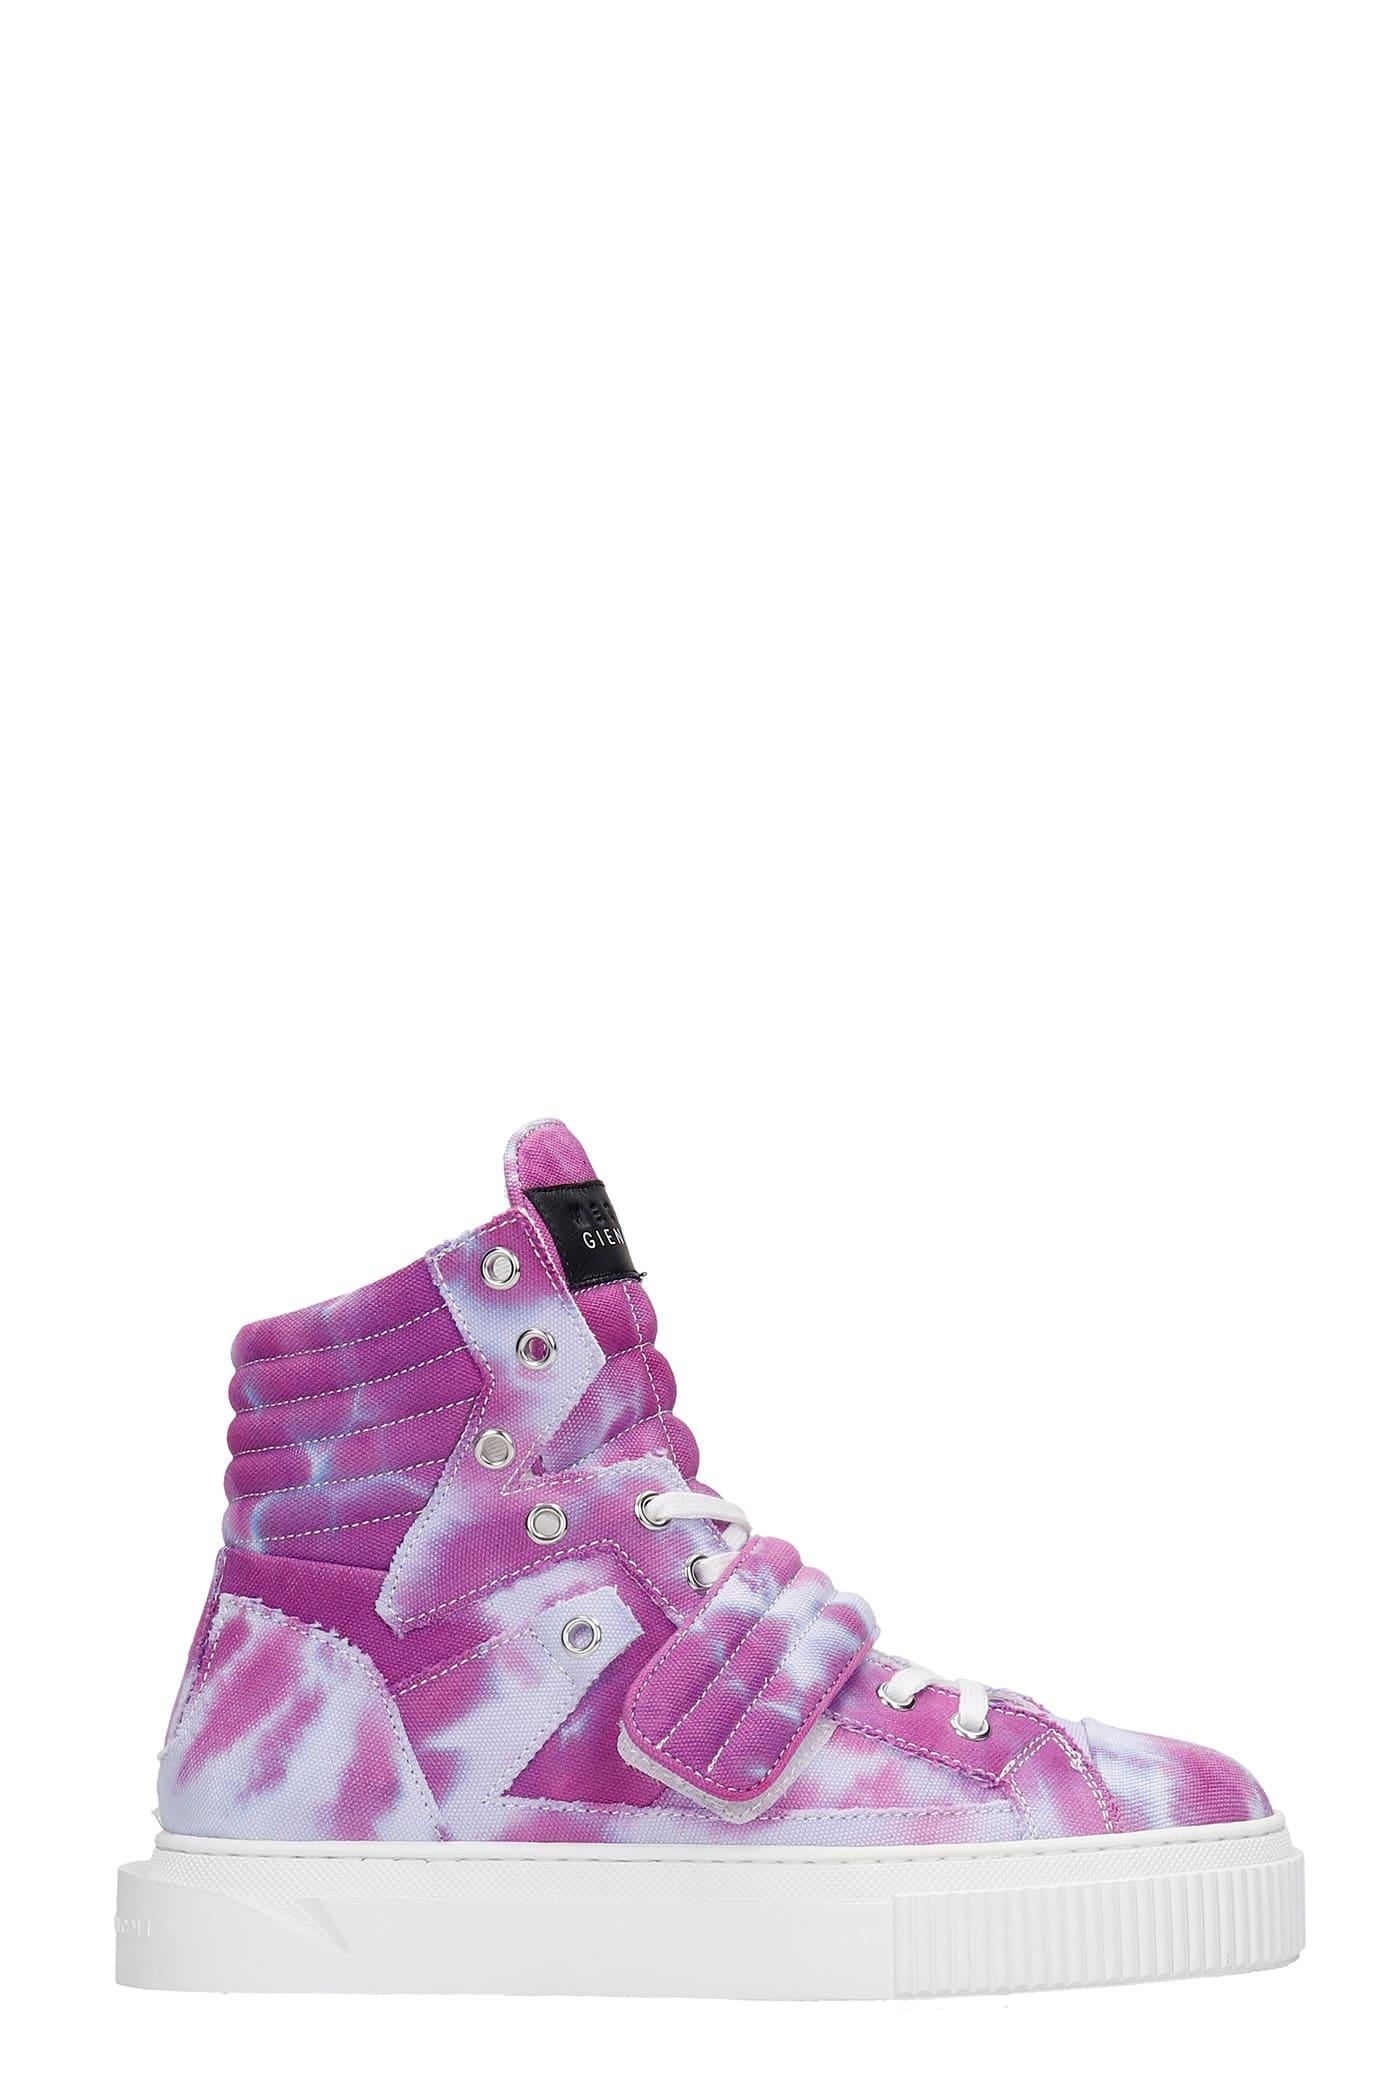 Hypnos Sneakers In Viola Canvas